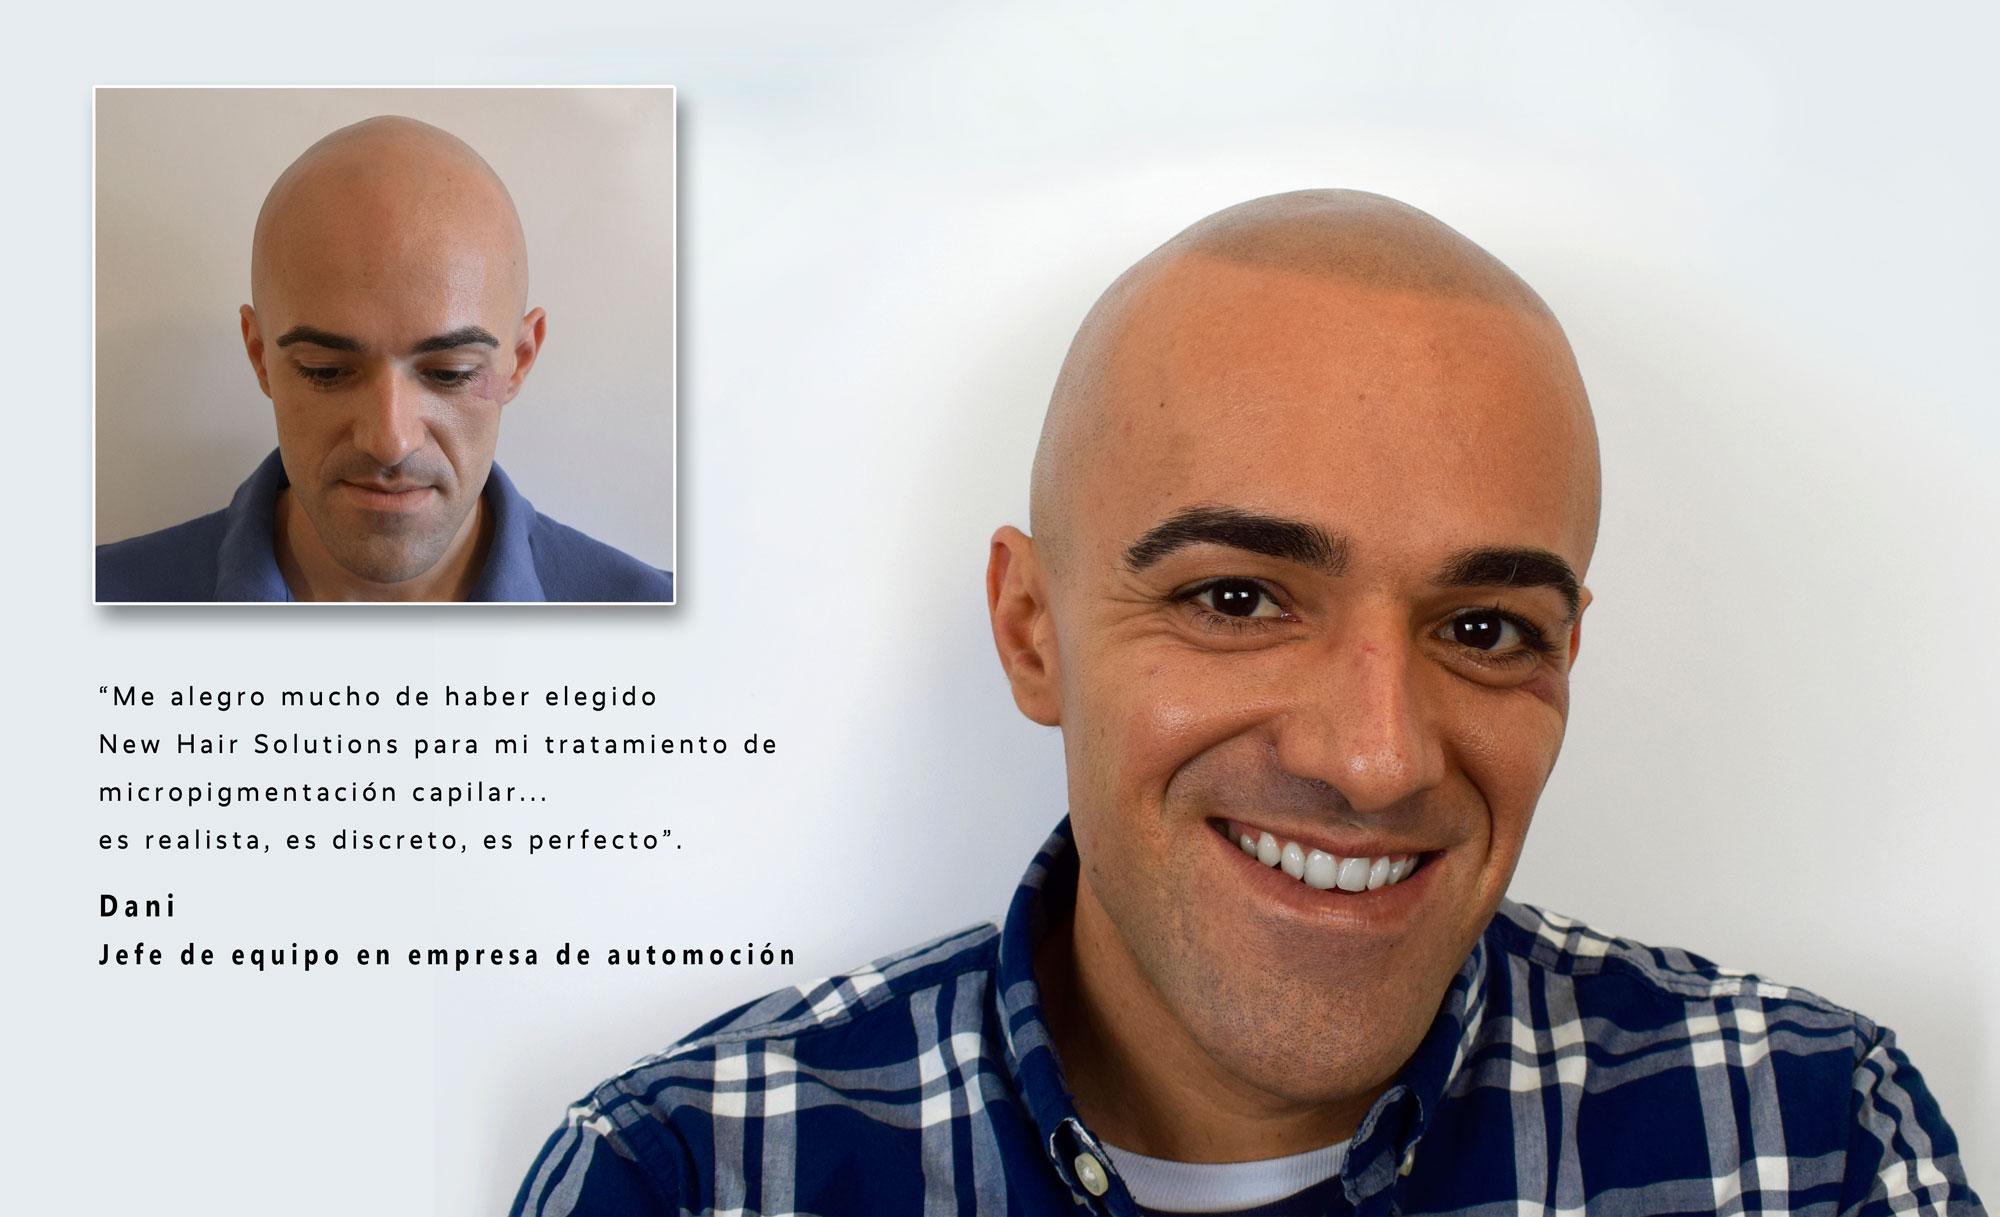 resultados antes y despues del tratamiento innovador contra la alopecia